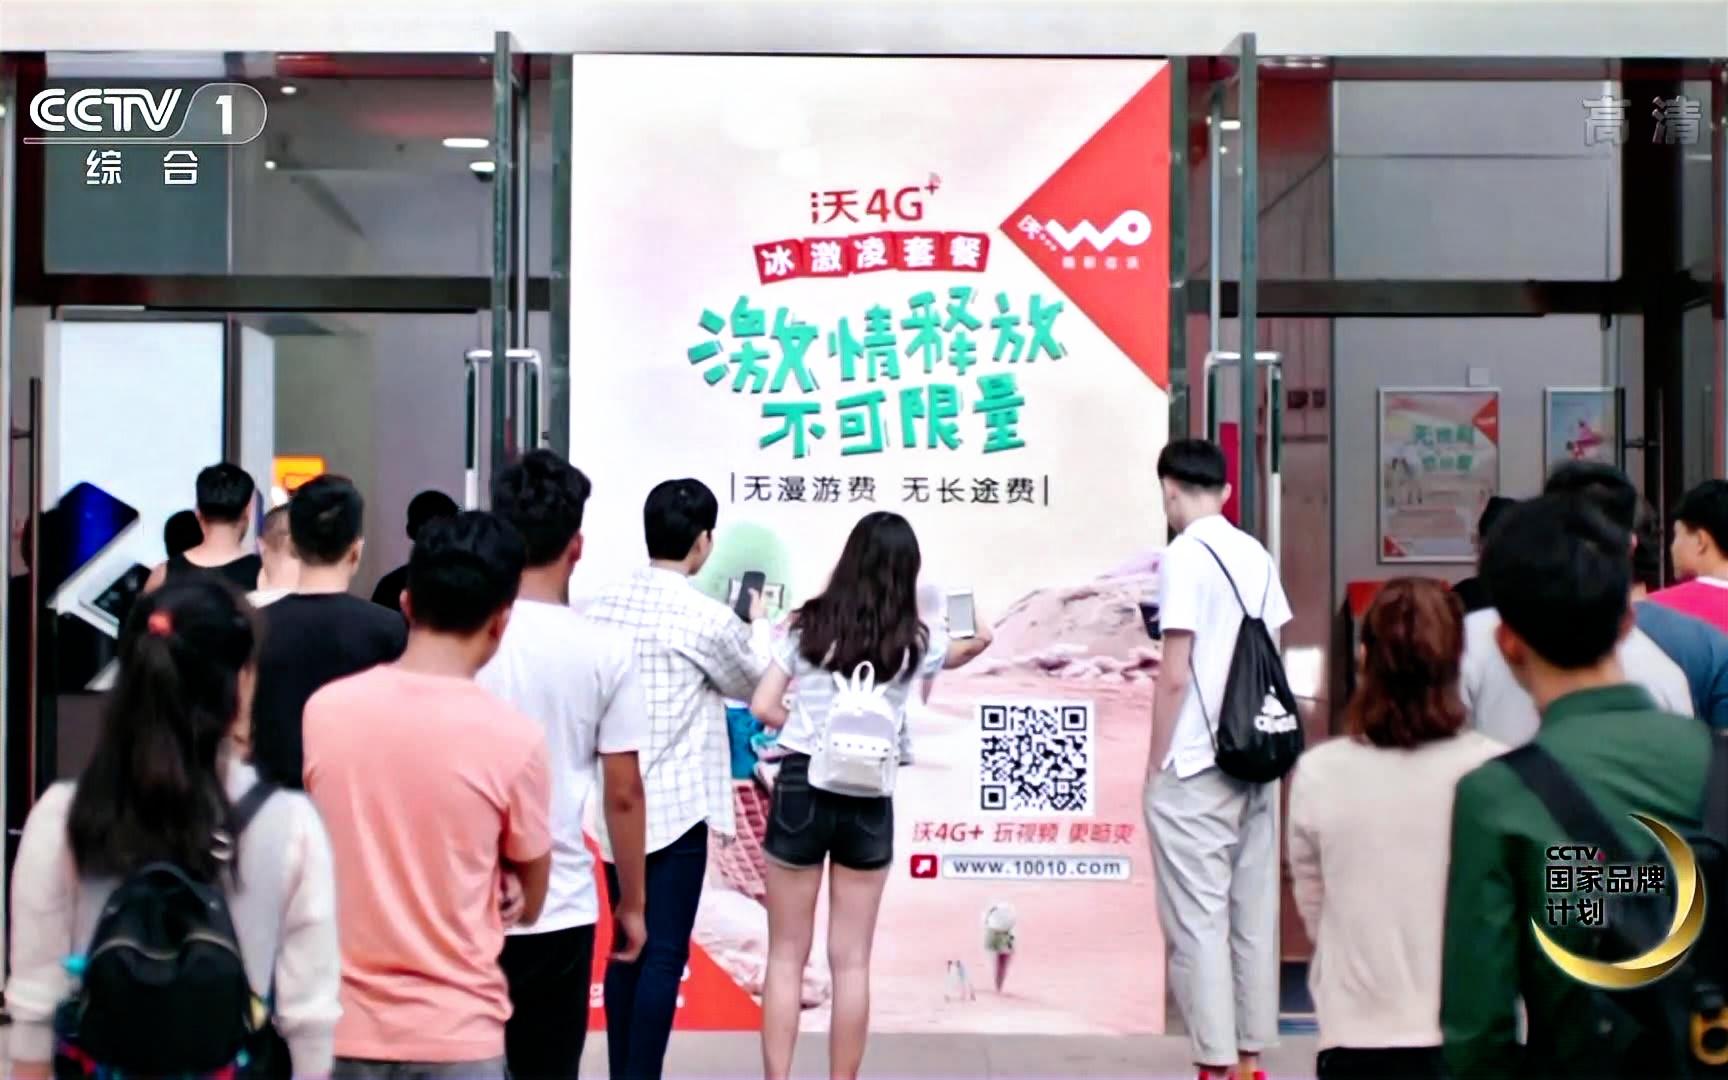 央视广告欣赏-中国联通沃4G+冰激凌套餐